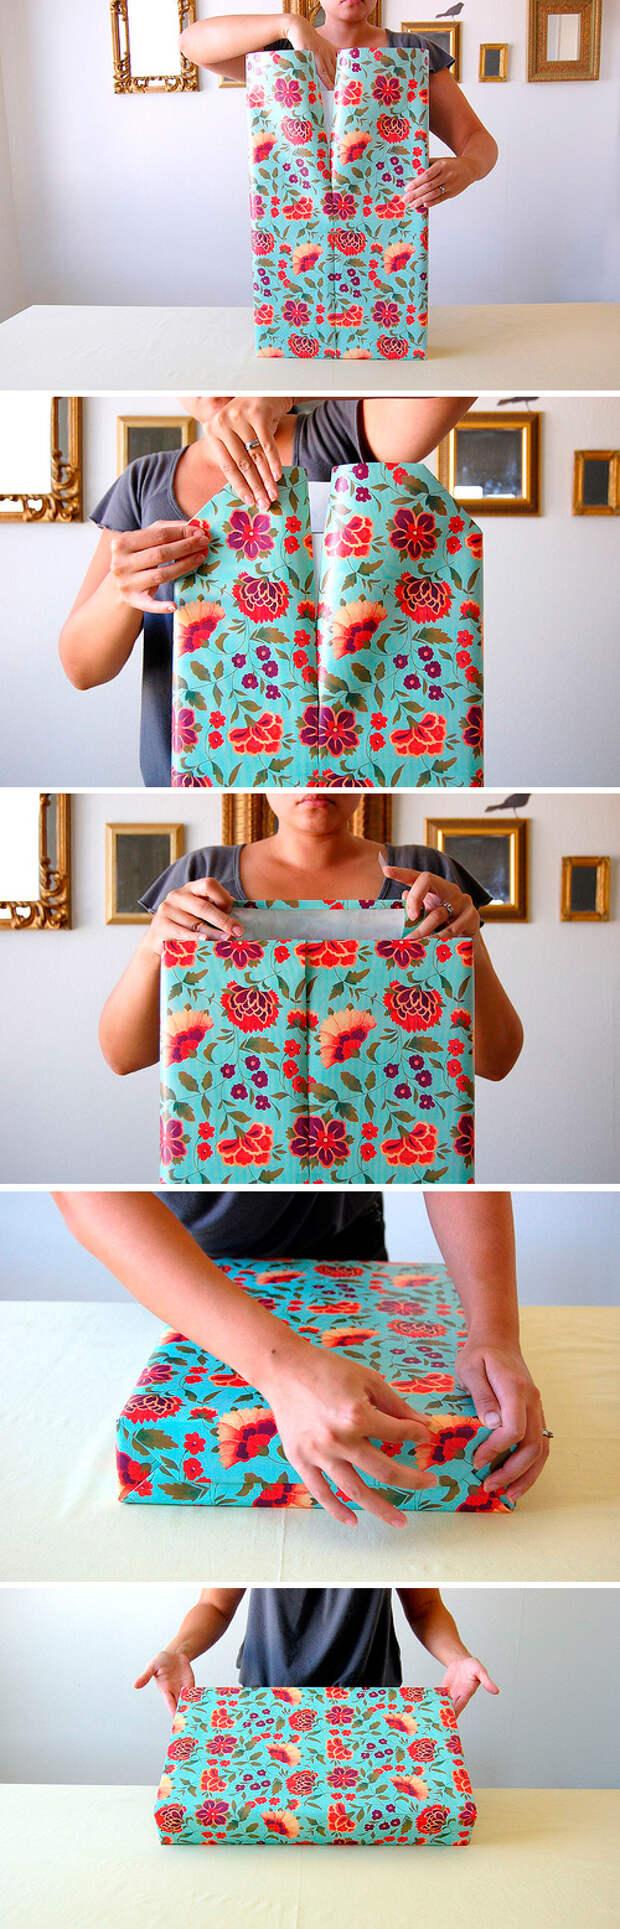 упаковываем подарок самостоятельно классический способ